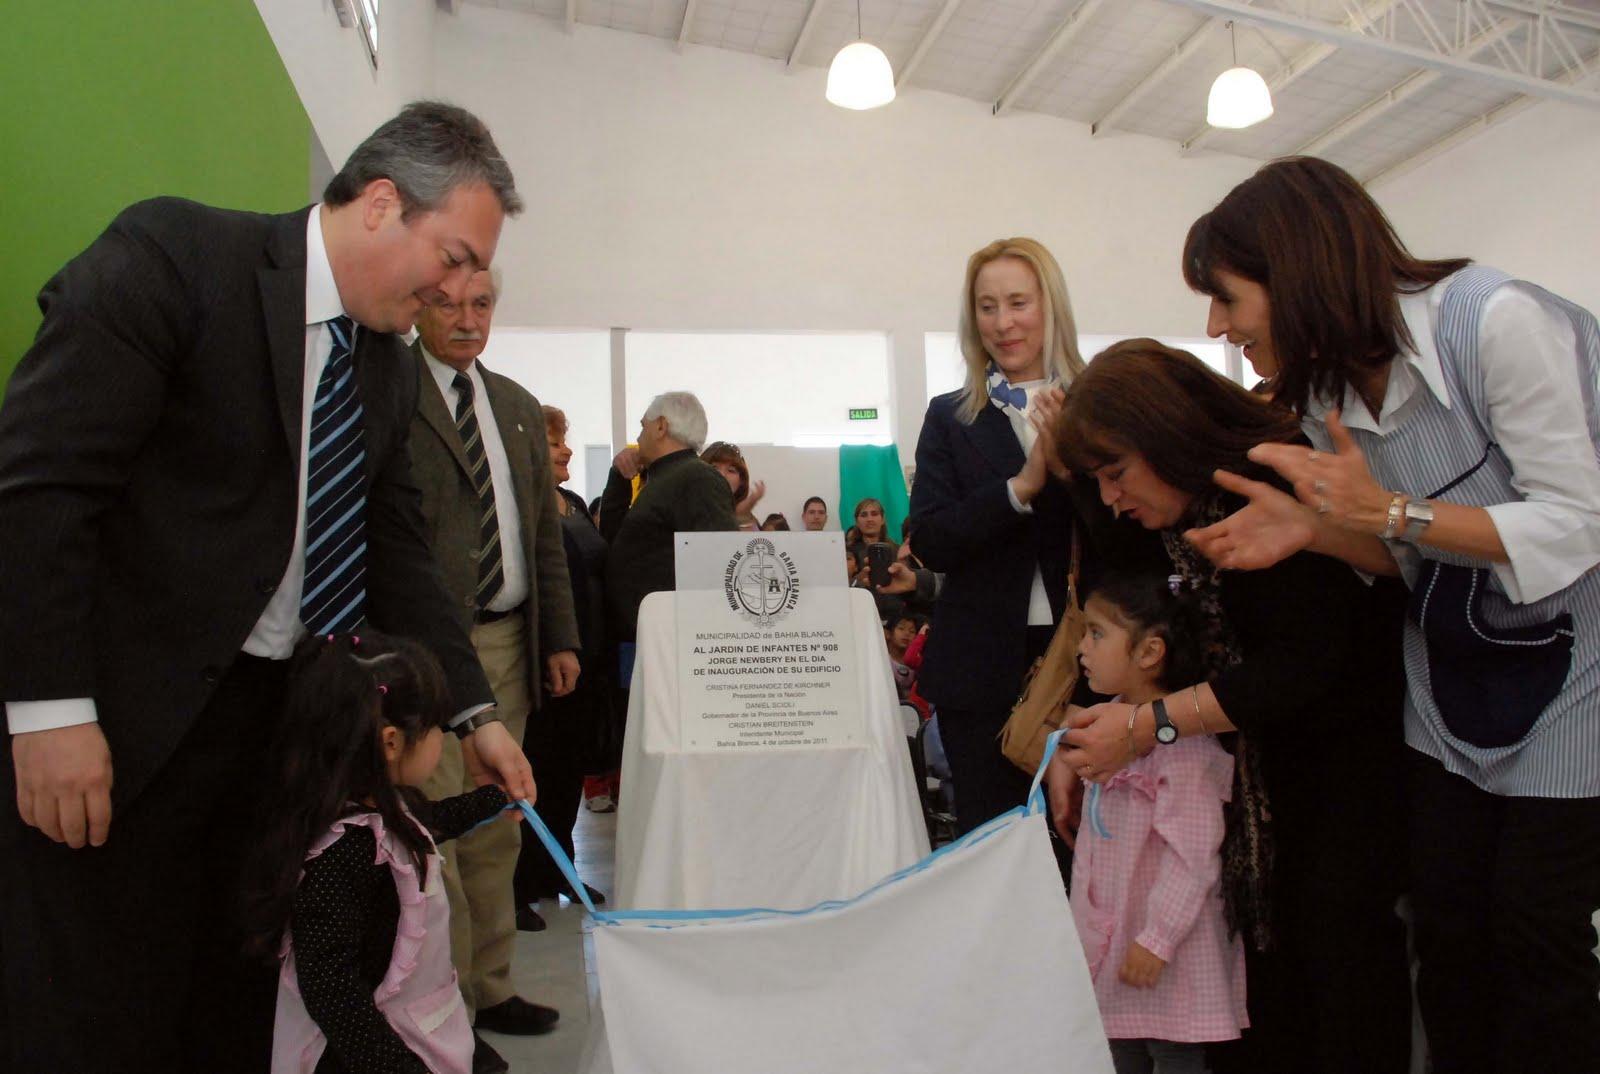 Y se inaugur otro nuevo jard n de infantes bah a blanca for Jardin 901 bahia blanca